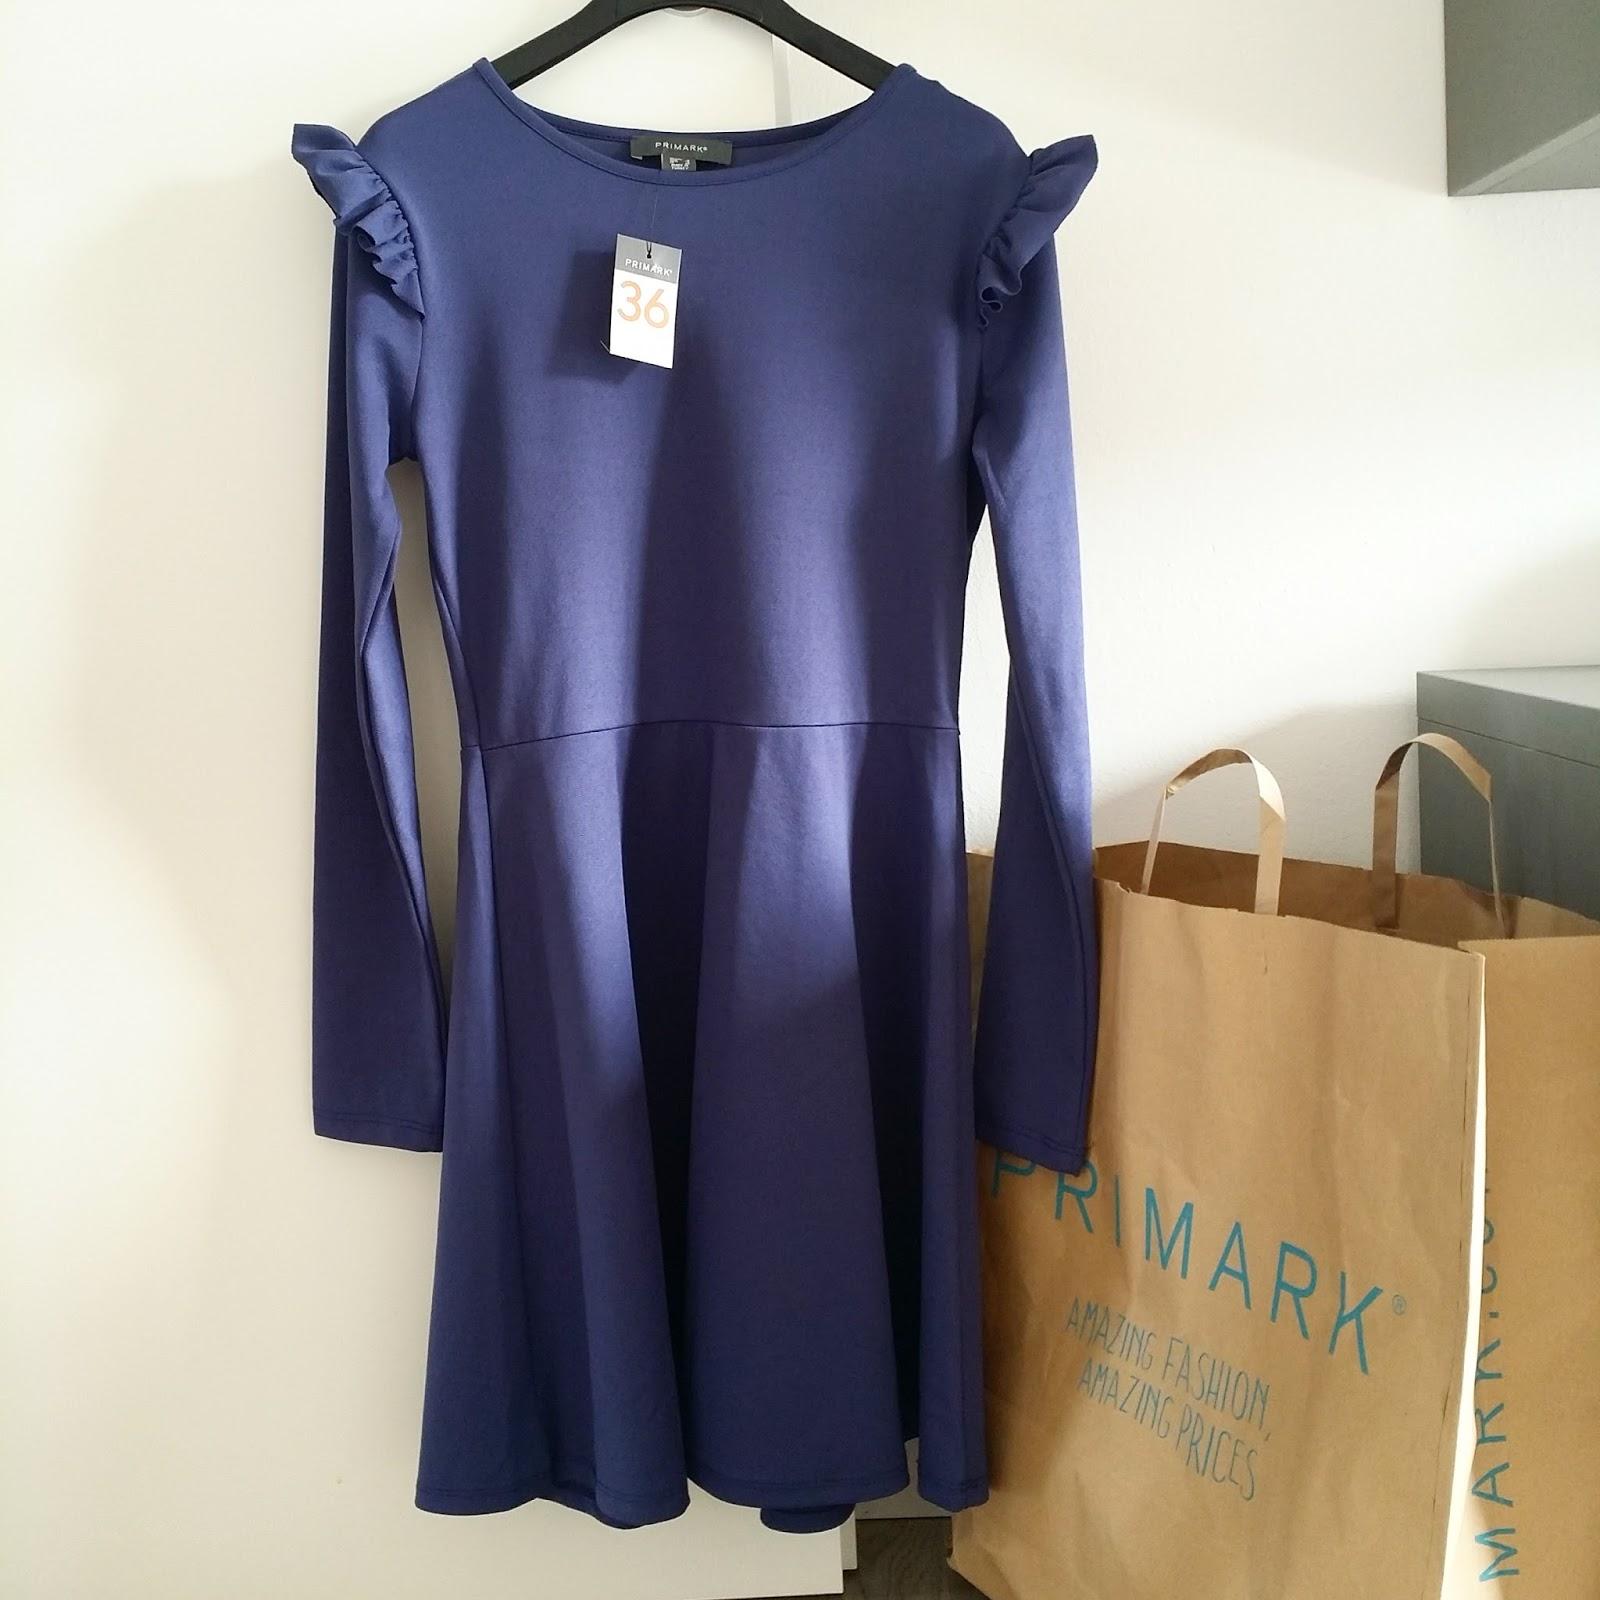 vestito-primark-collezione-fall-2017